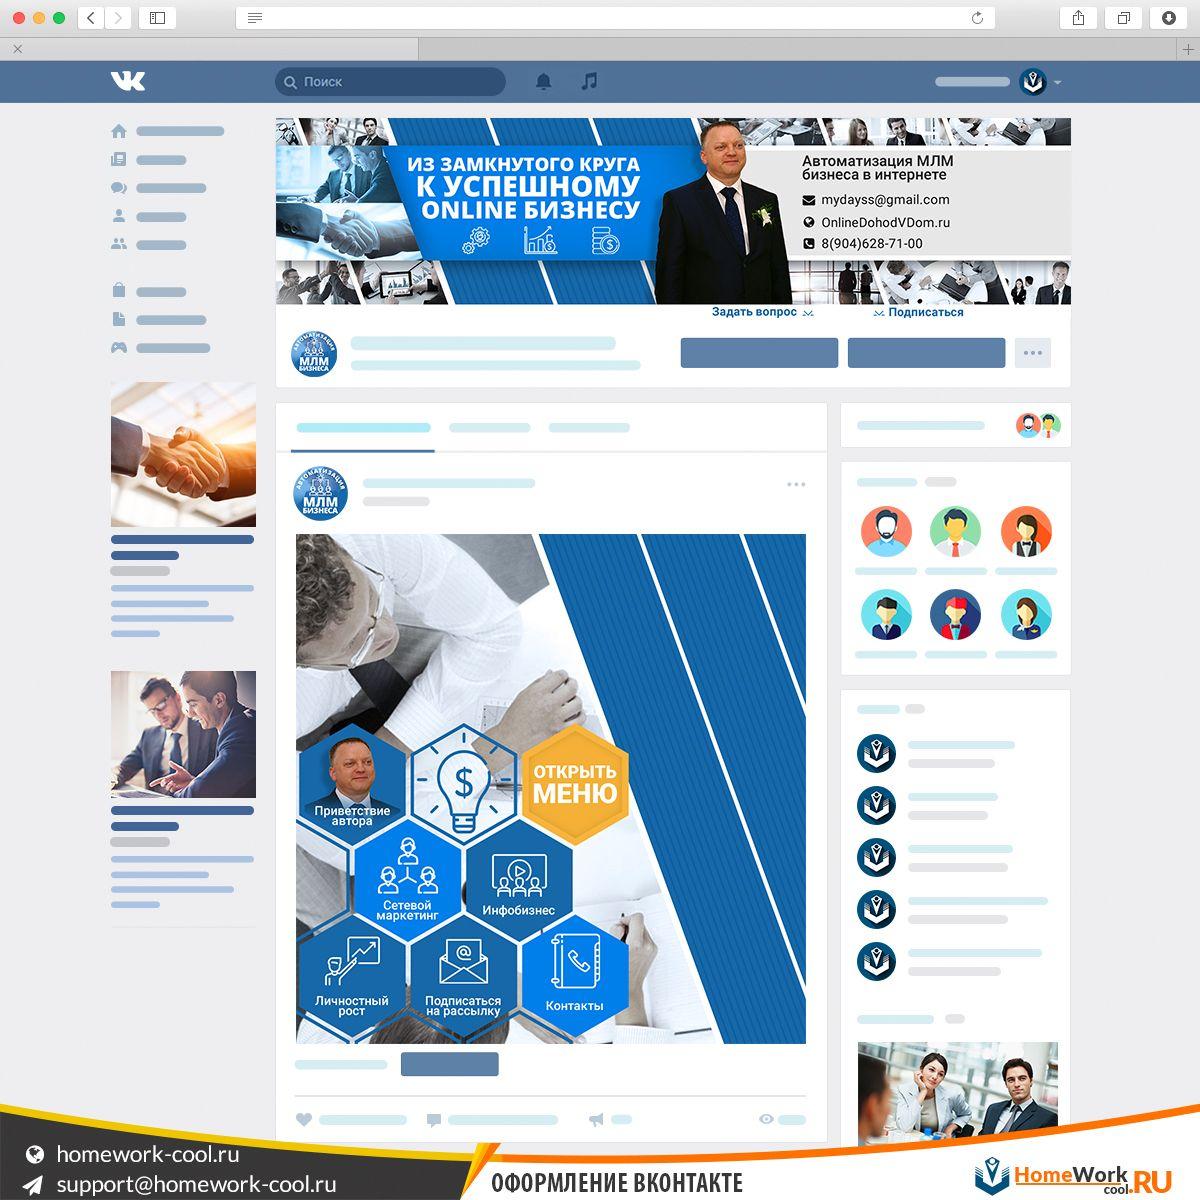 vk design toneelgroepblik Image collections